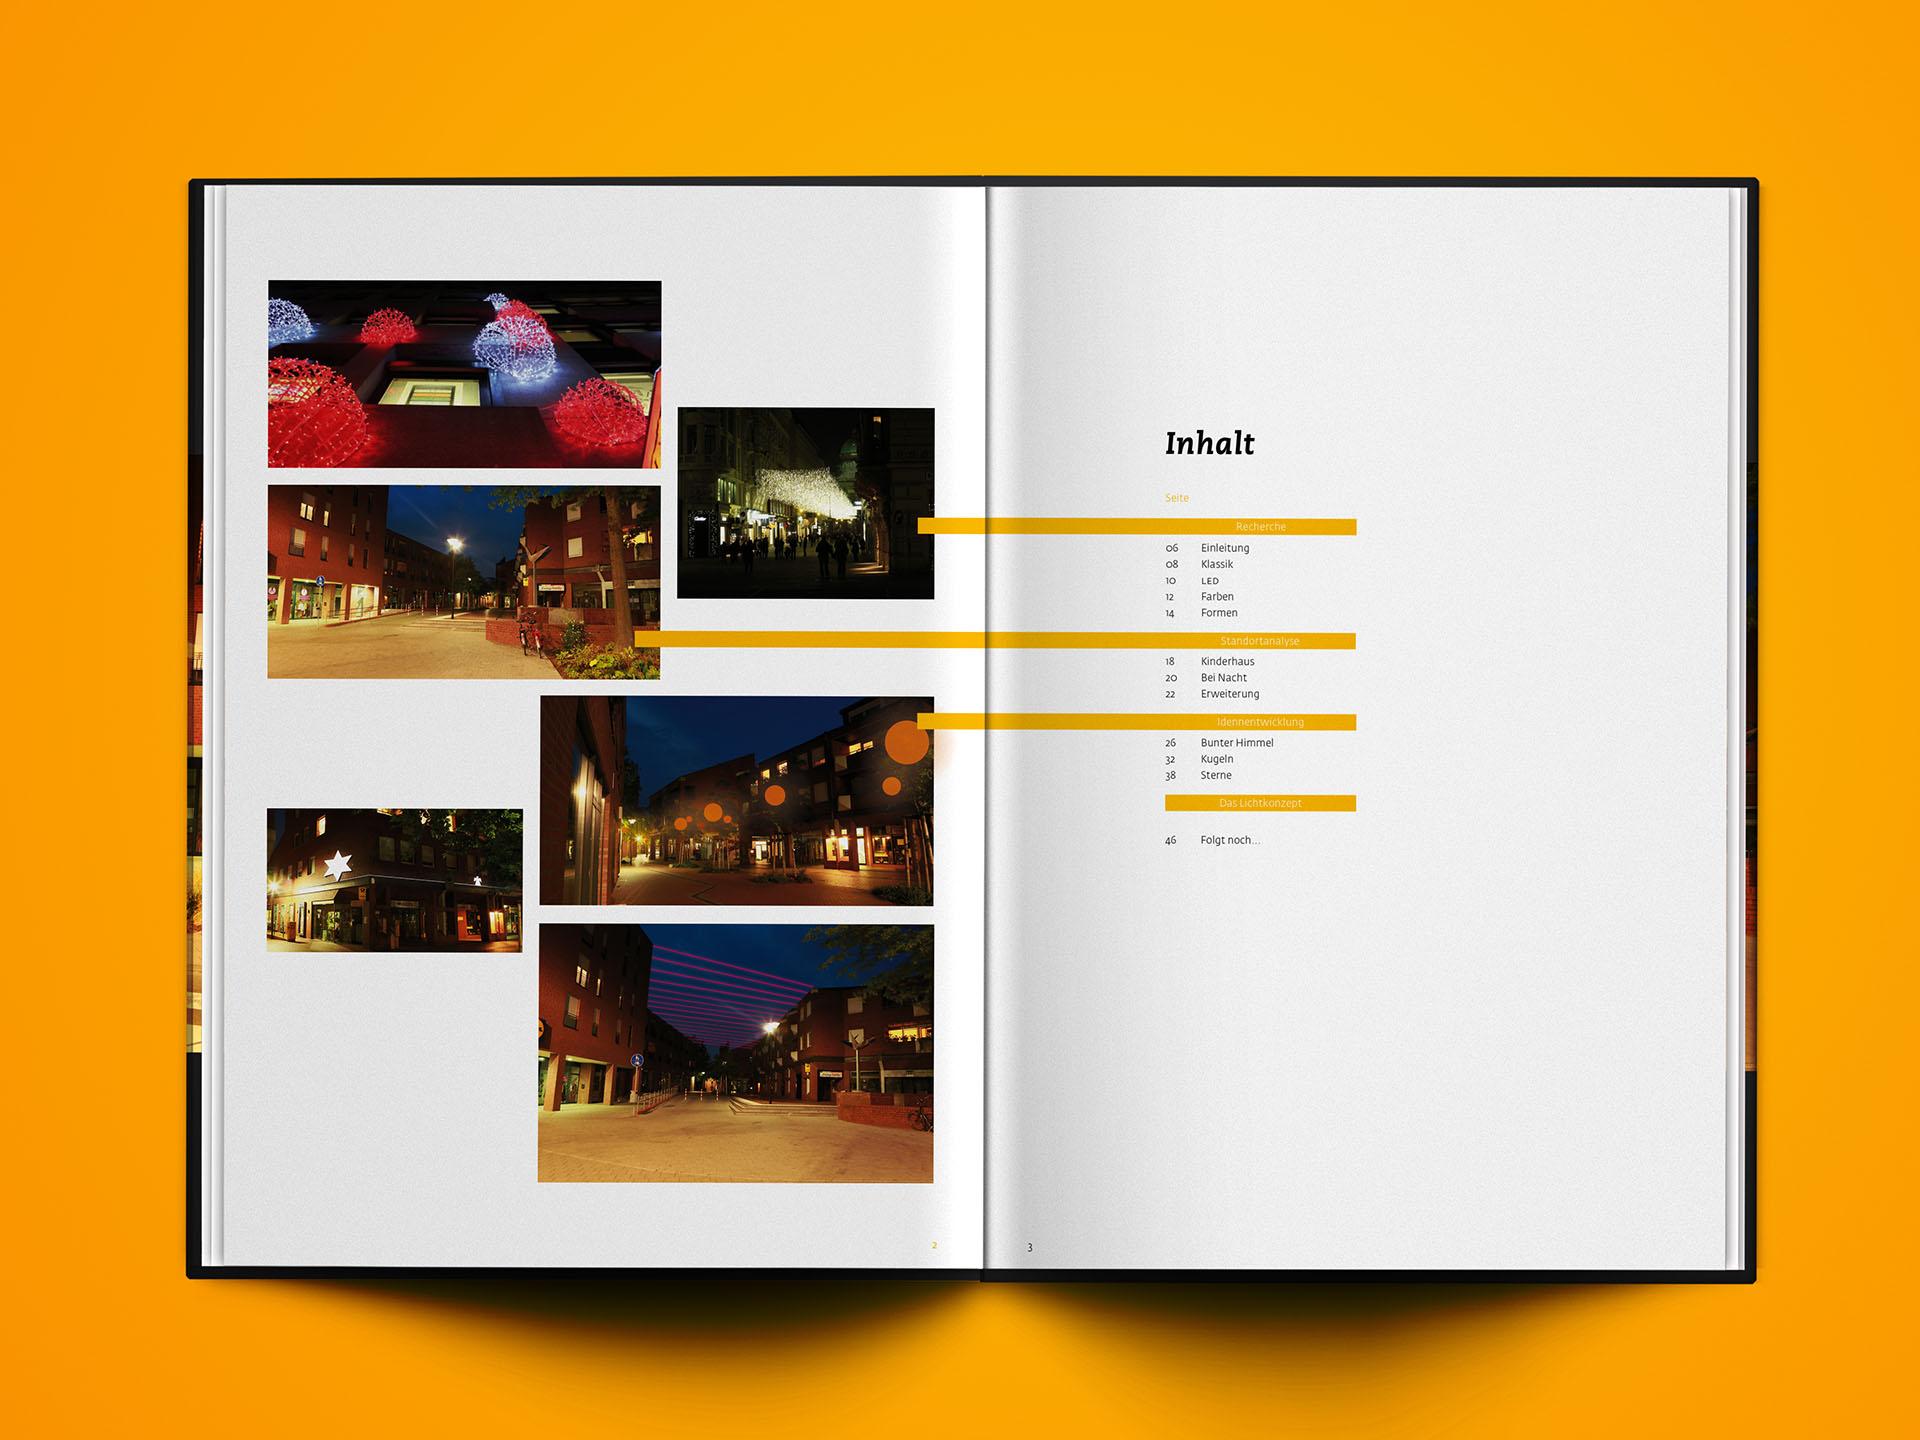 Lichtkonzept, Licht, Studie, Beleuchtung, Kinderhaus, Münster, Werbegemeinschaft, Design, Buch, Konzept, Bennet Grüttner